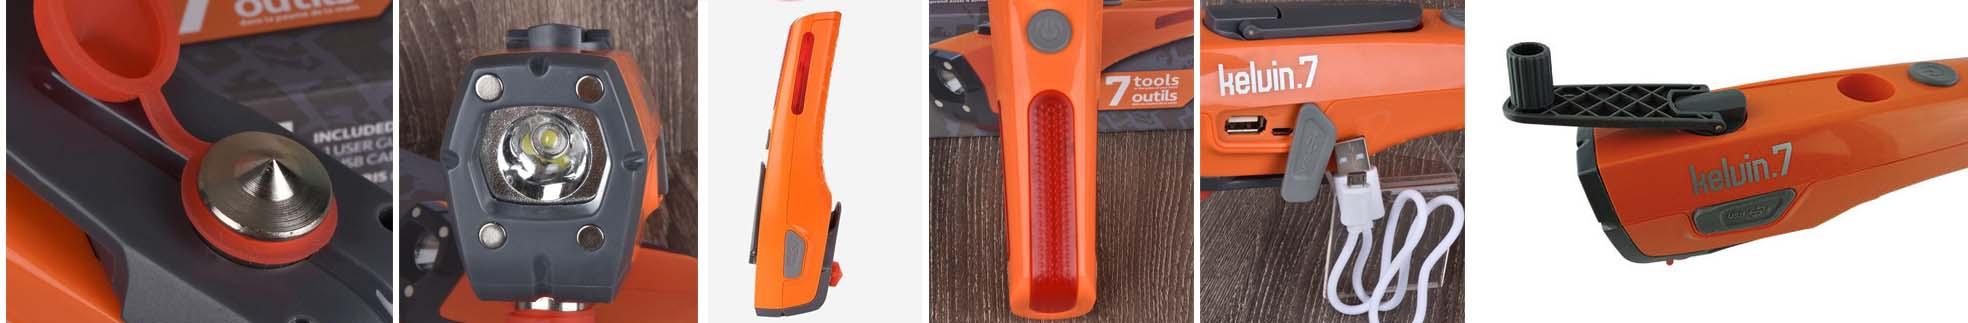 Kelvin Safety Tool функциональный инструмент 7 в 1